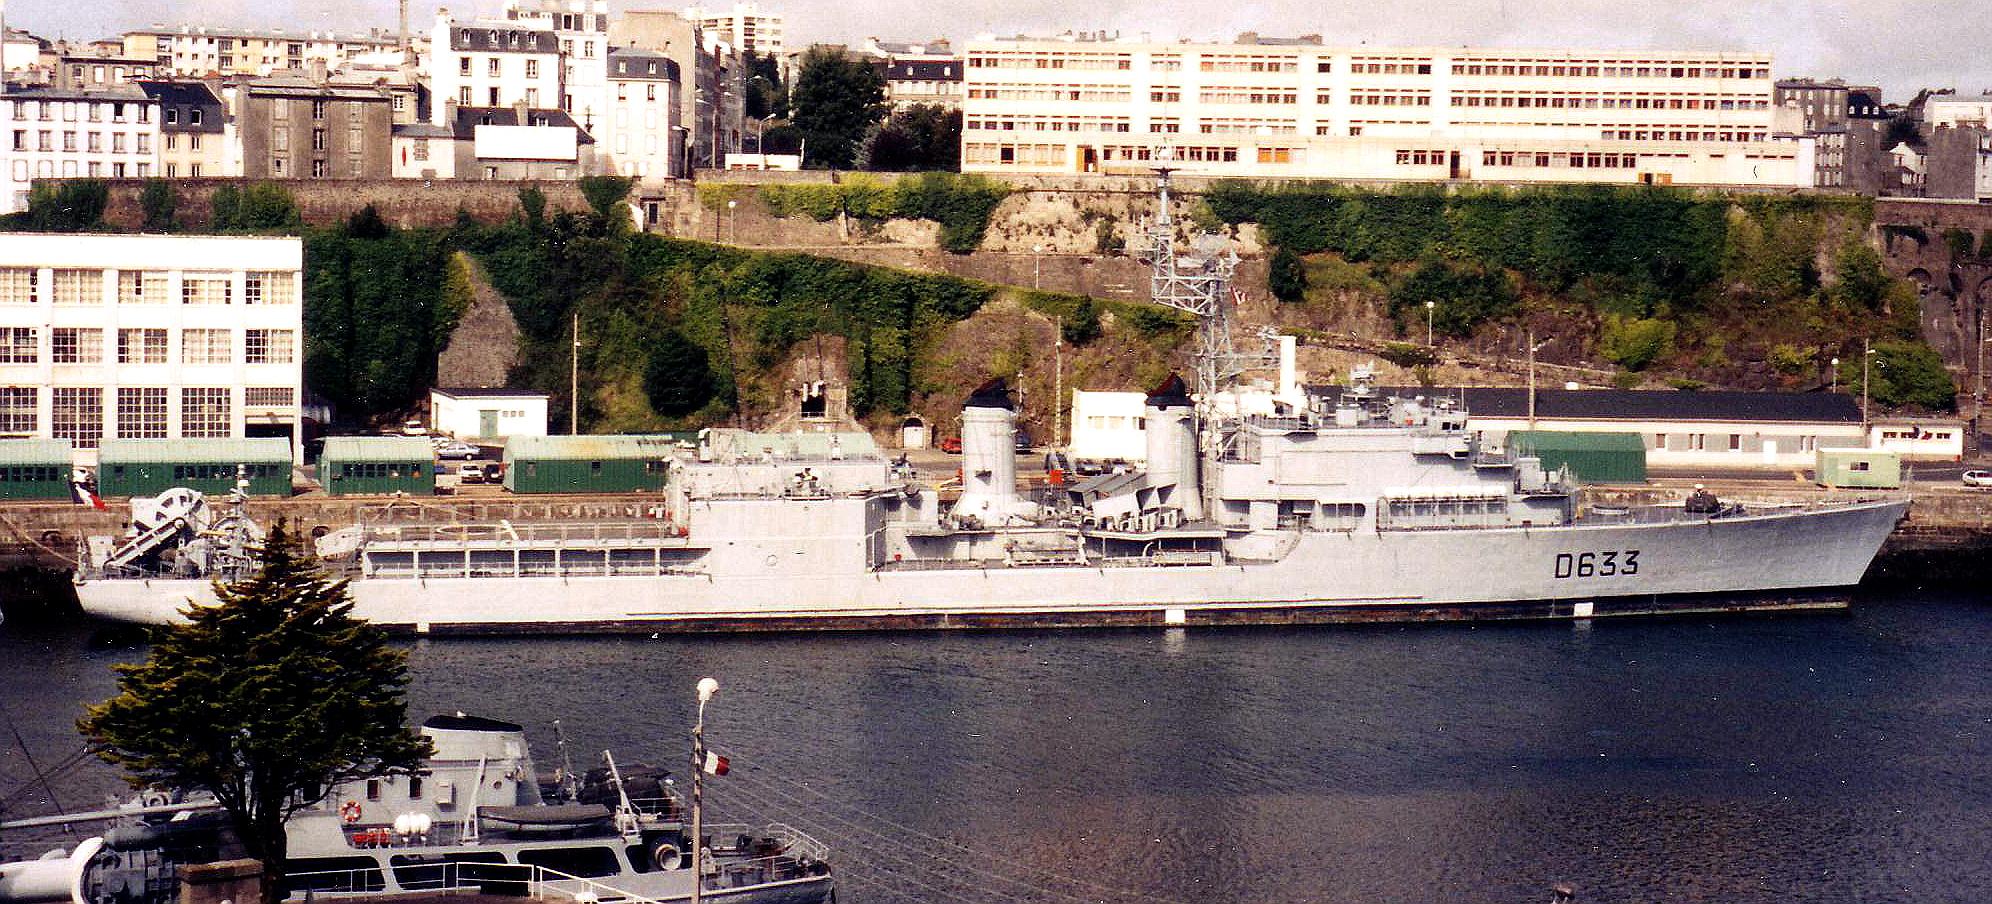 デュプレ級駆逐艦 - Wikipedia